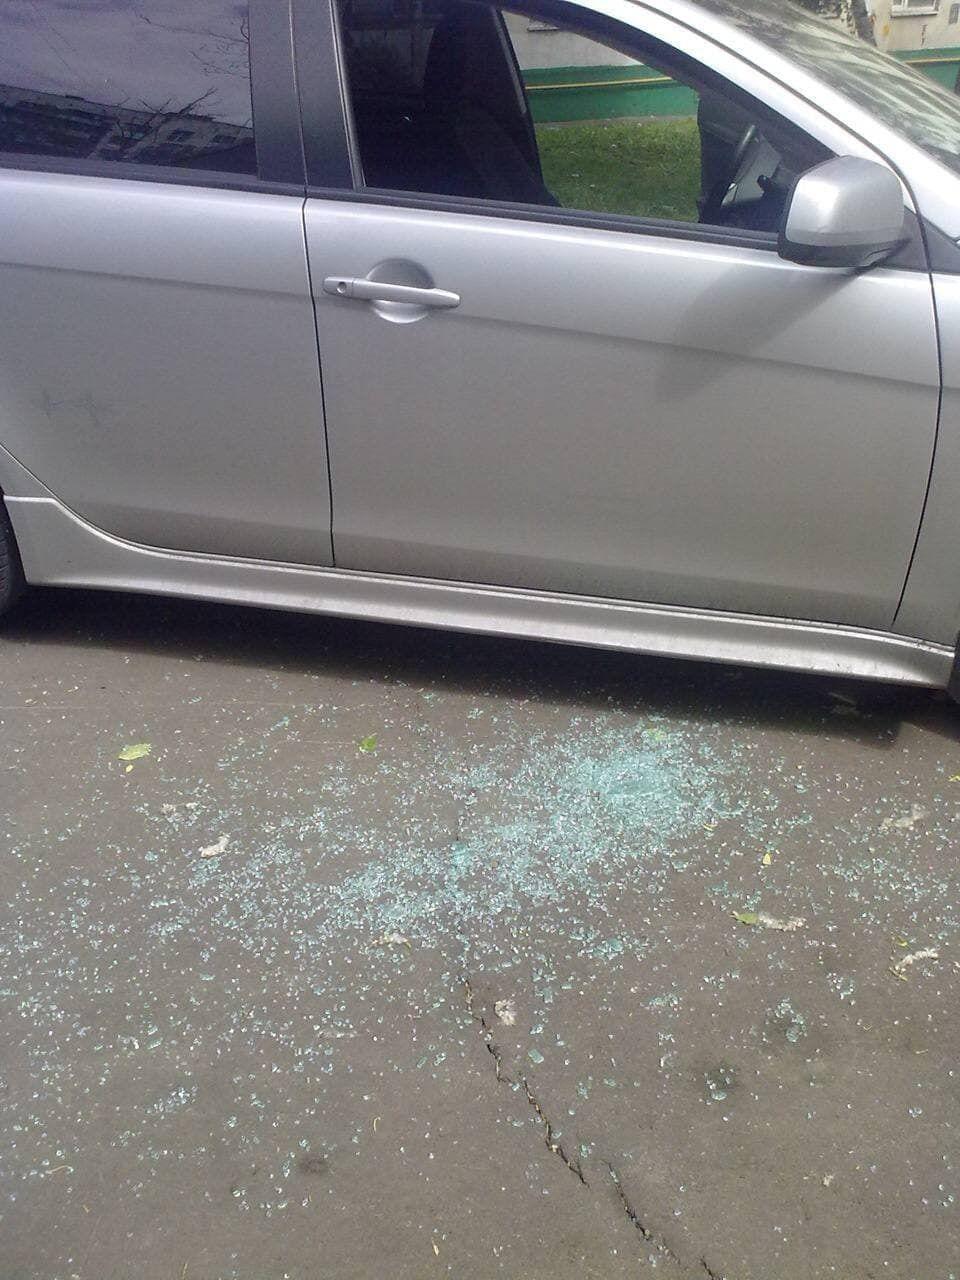 Злоумышленник разбил стекло.